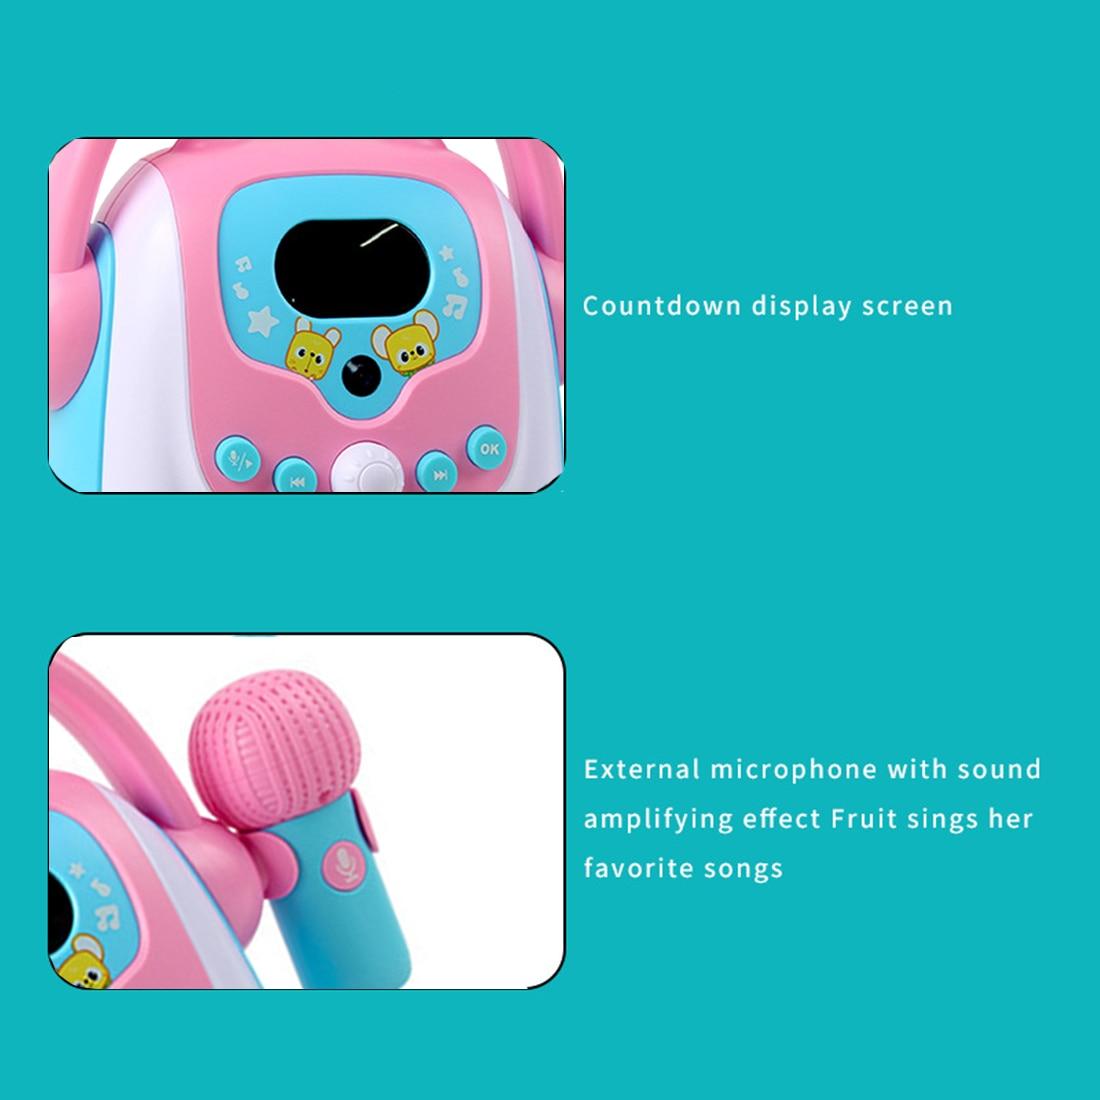 maquina de musica desenvolvimento brinquedos educativos para criancas presente rosa azul 05